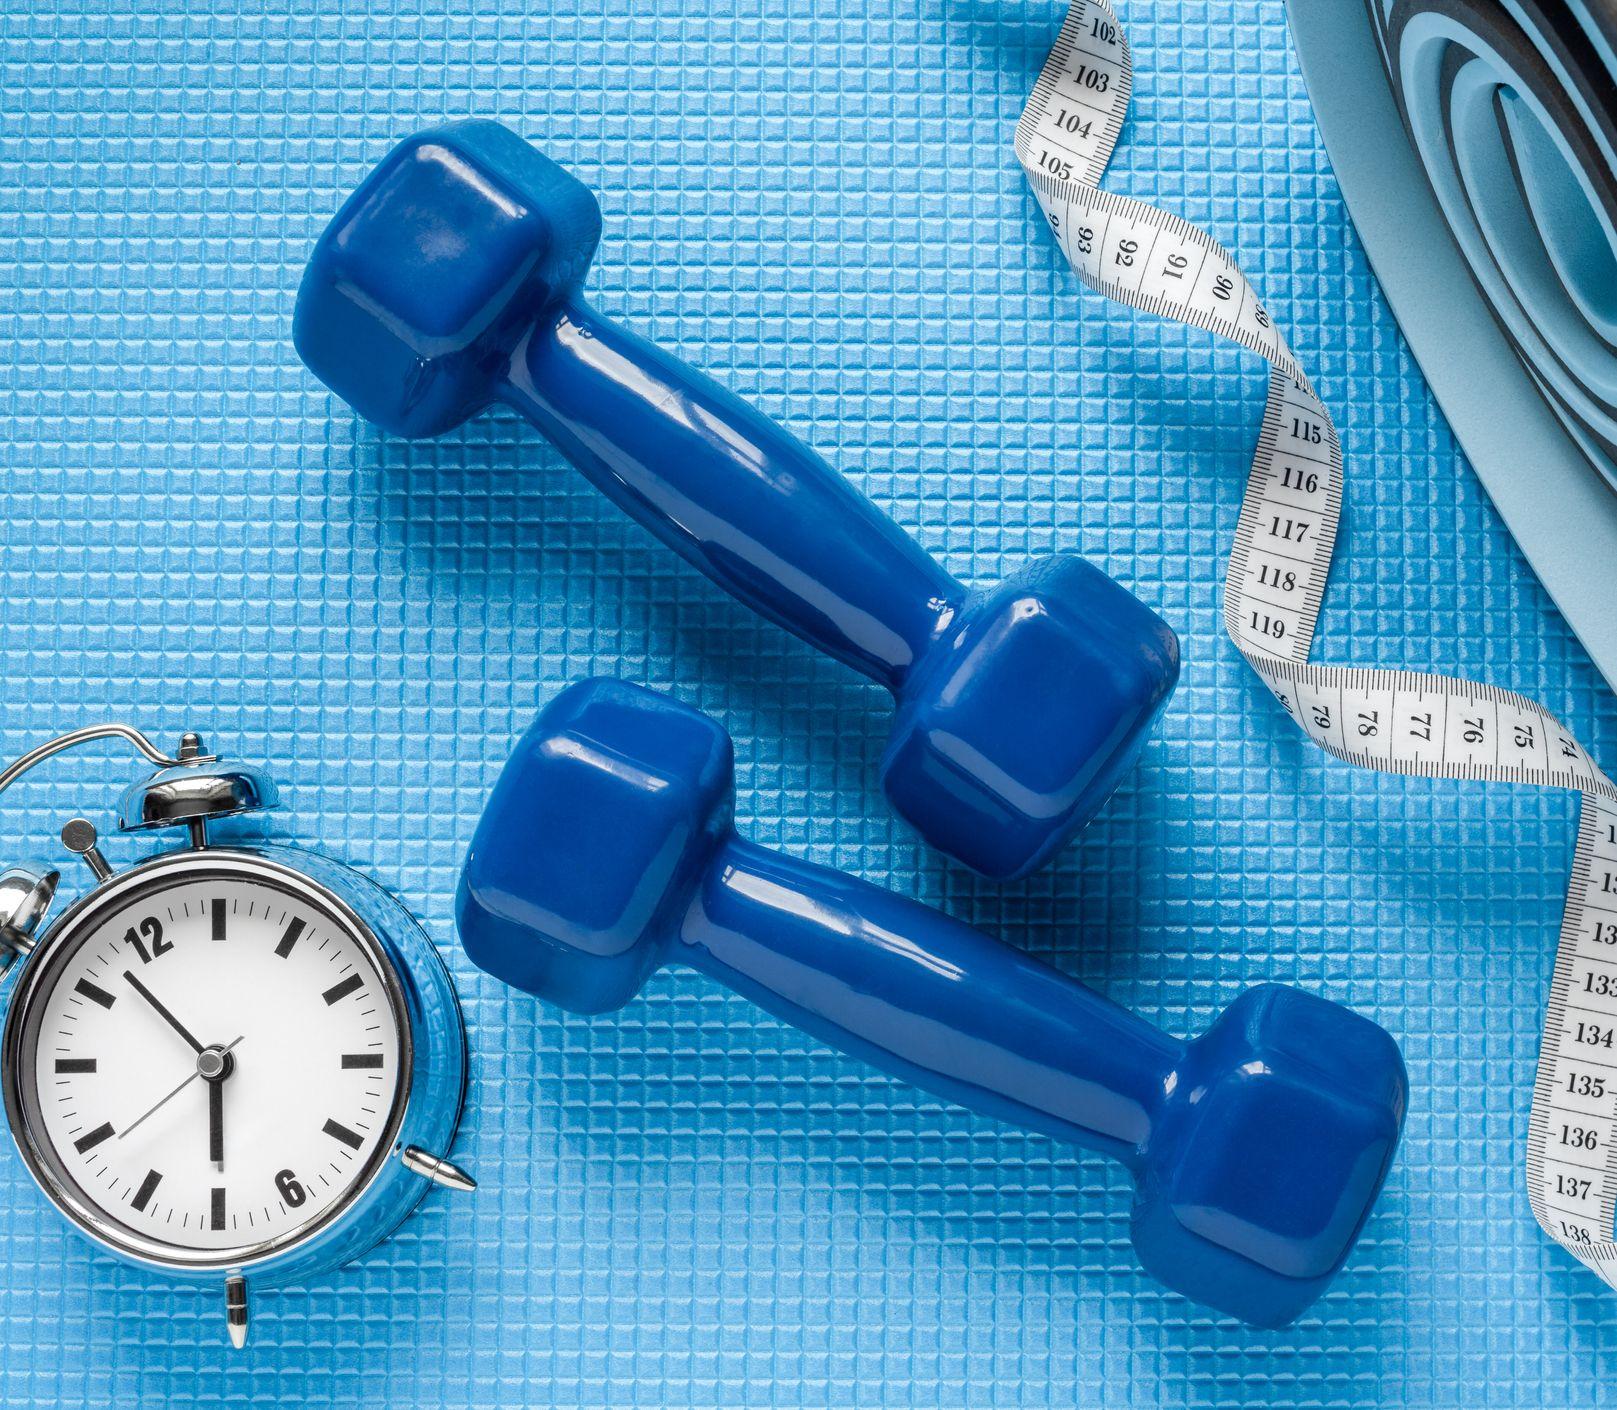 Spaľujte tuky a vyformujte si postavu za zlomok času: Toto zaručene funguje!